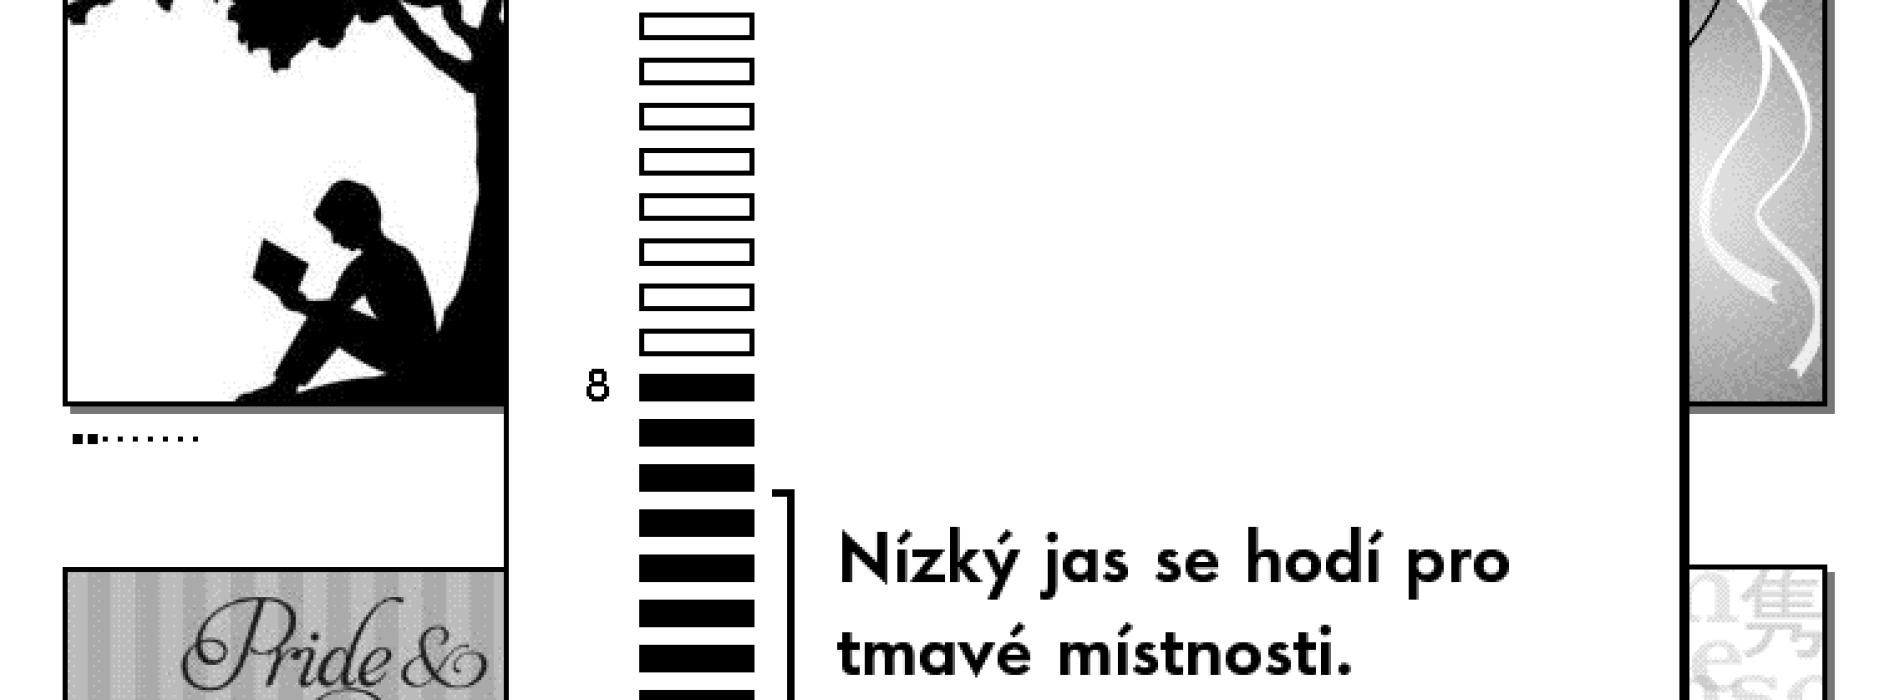 Čeština pro Kindle Paperwhite 2 i pro Kindle Paperwhite 1